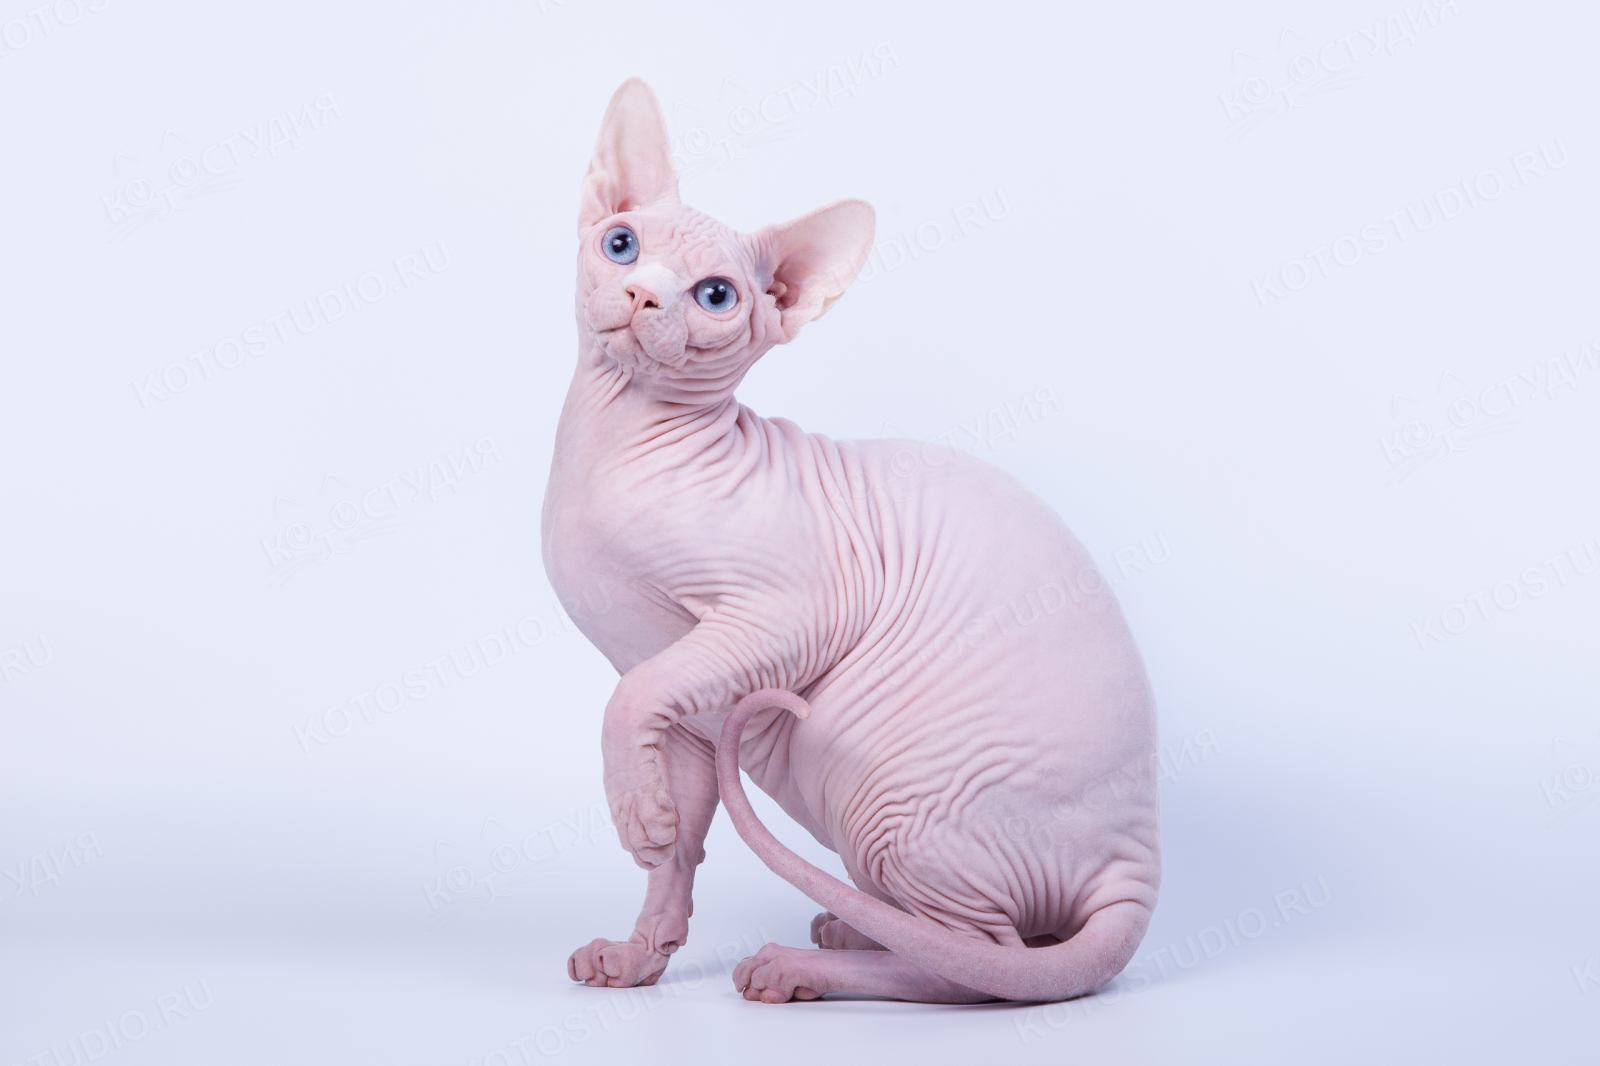 розовый сфинкс фото рекомендуется выращивать шпалере